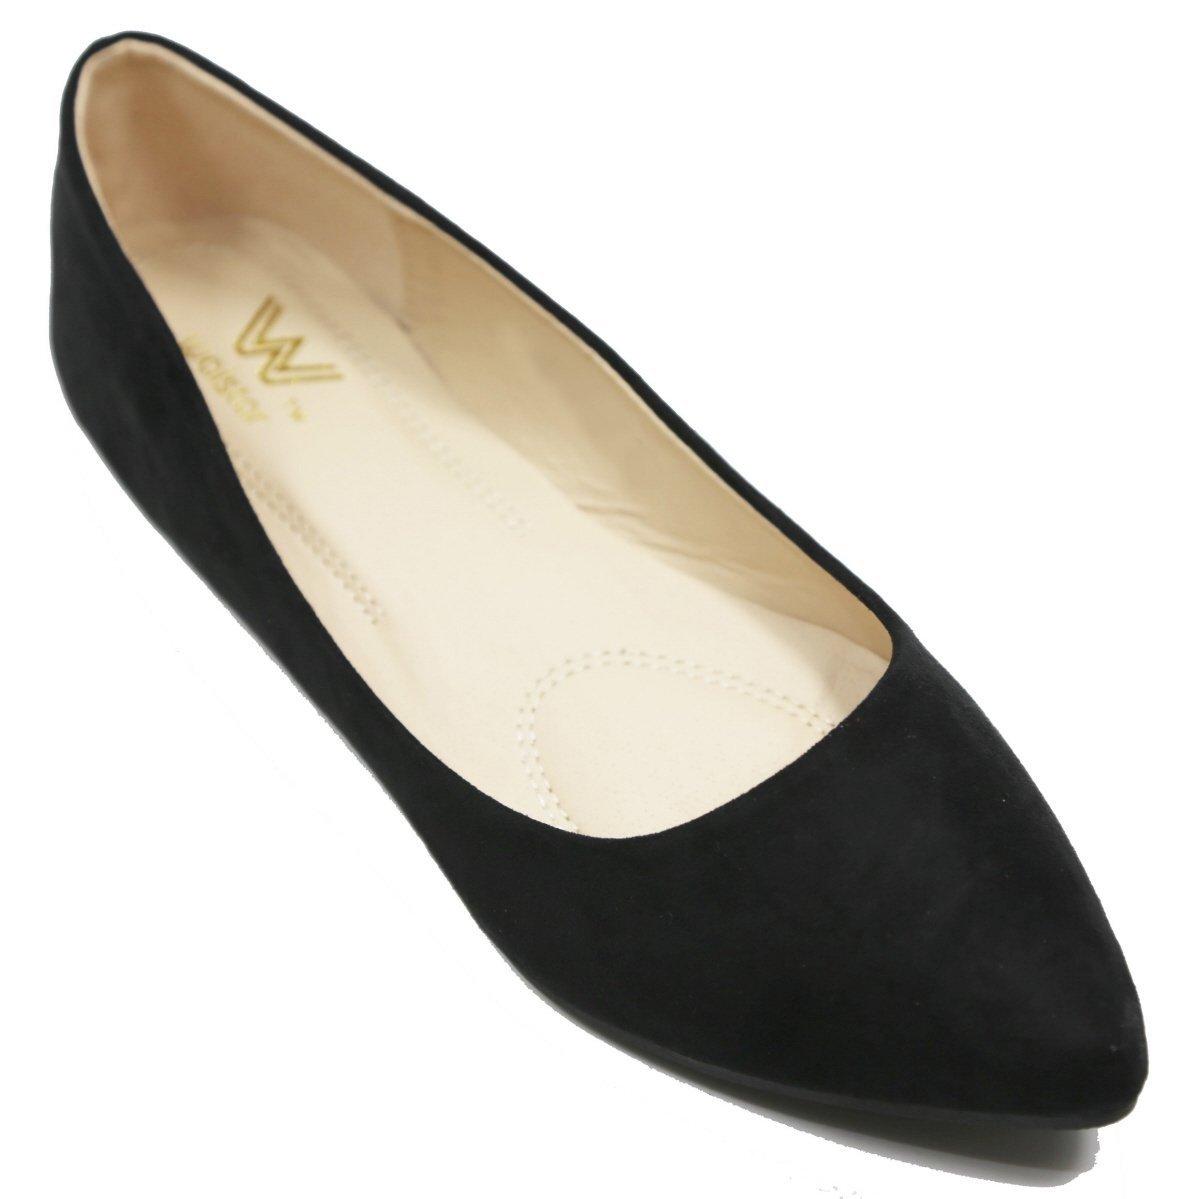 Walstar Women's Basic Point Toe Ballet Flats B00U6L7IAI 7.5 B(M) US|Su7-black